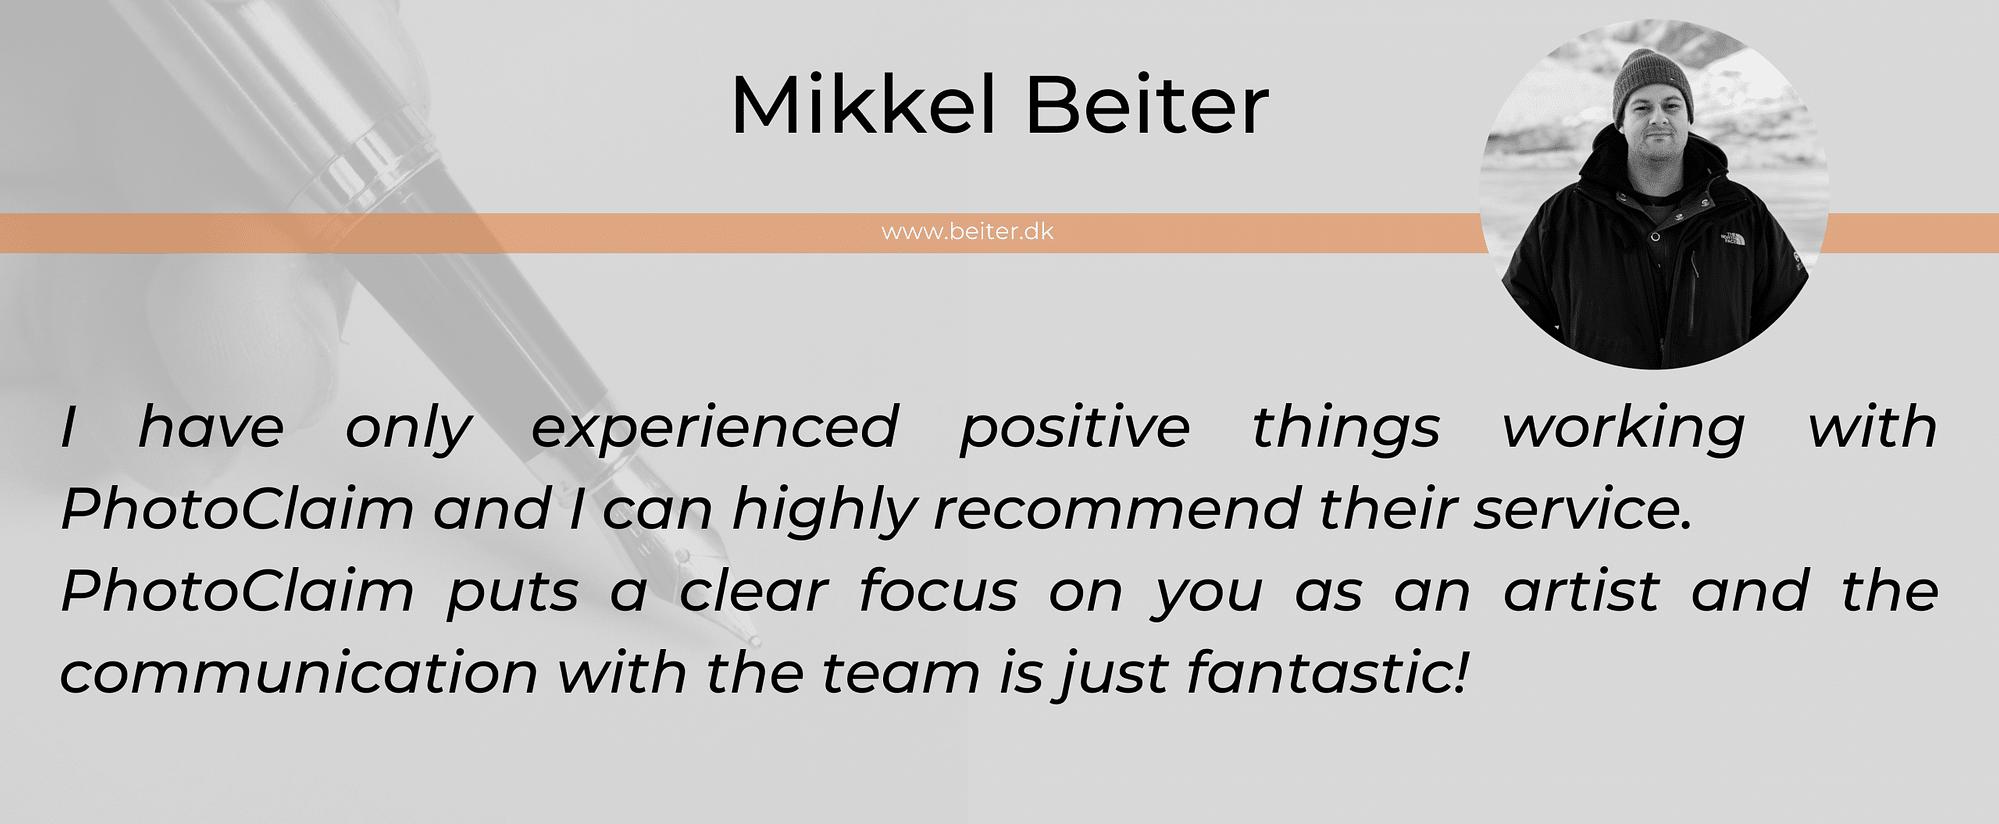 Mikkel Beiter testimonial